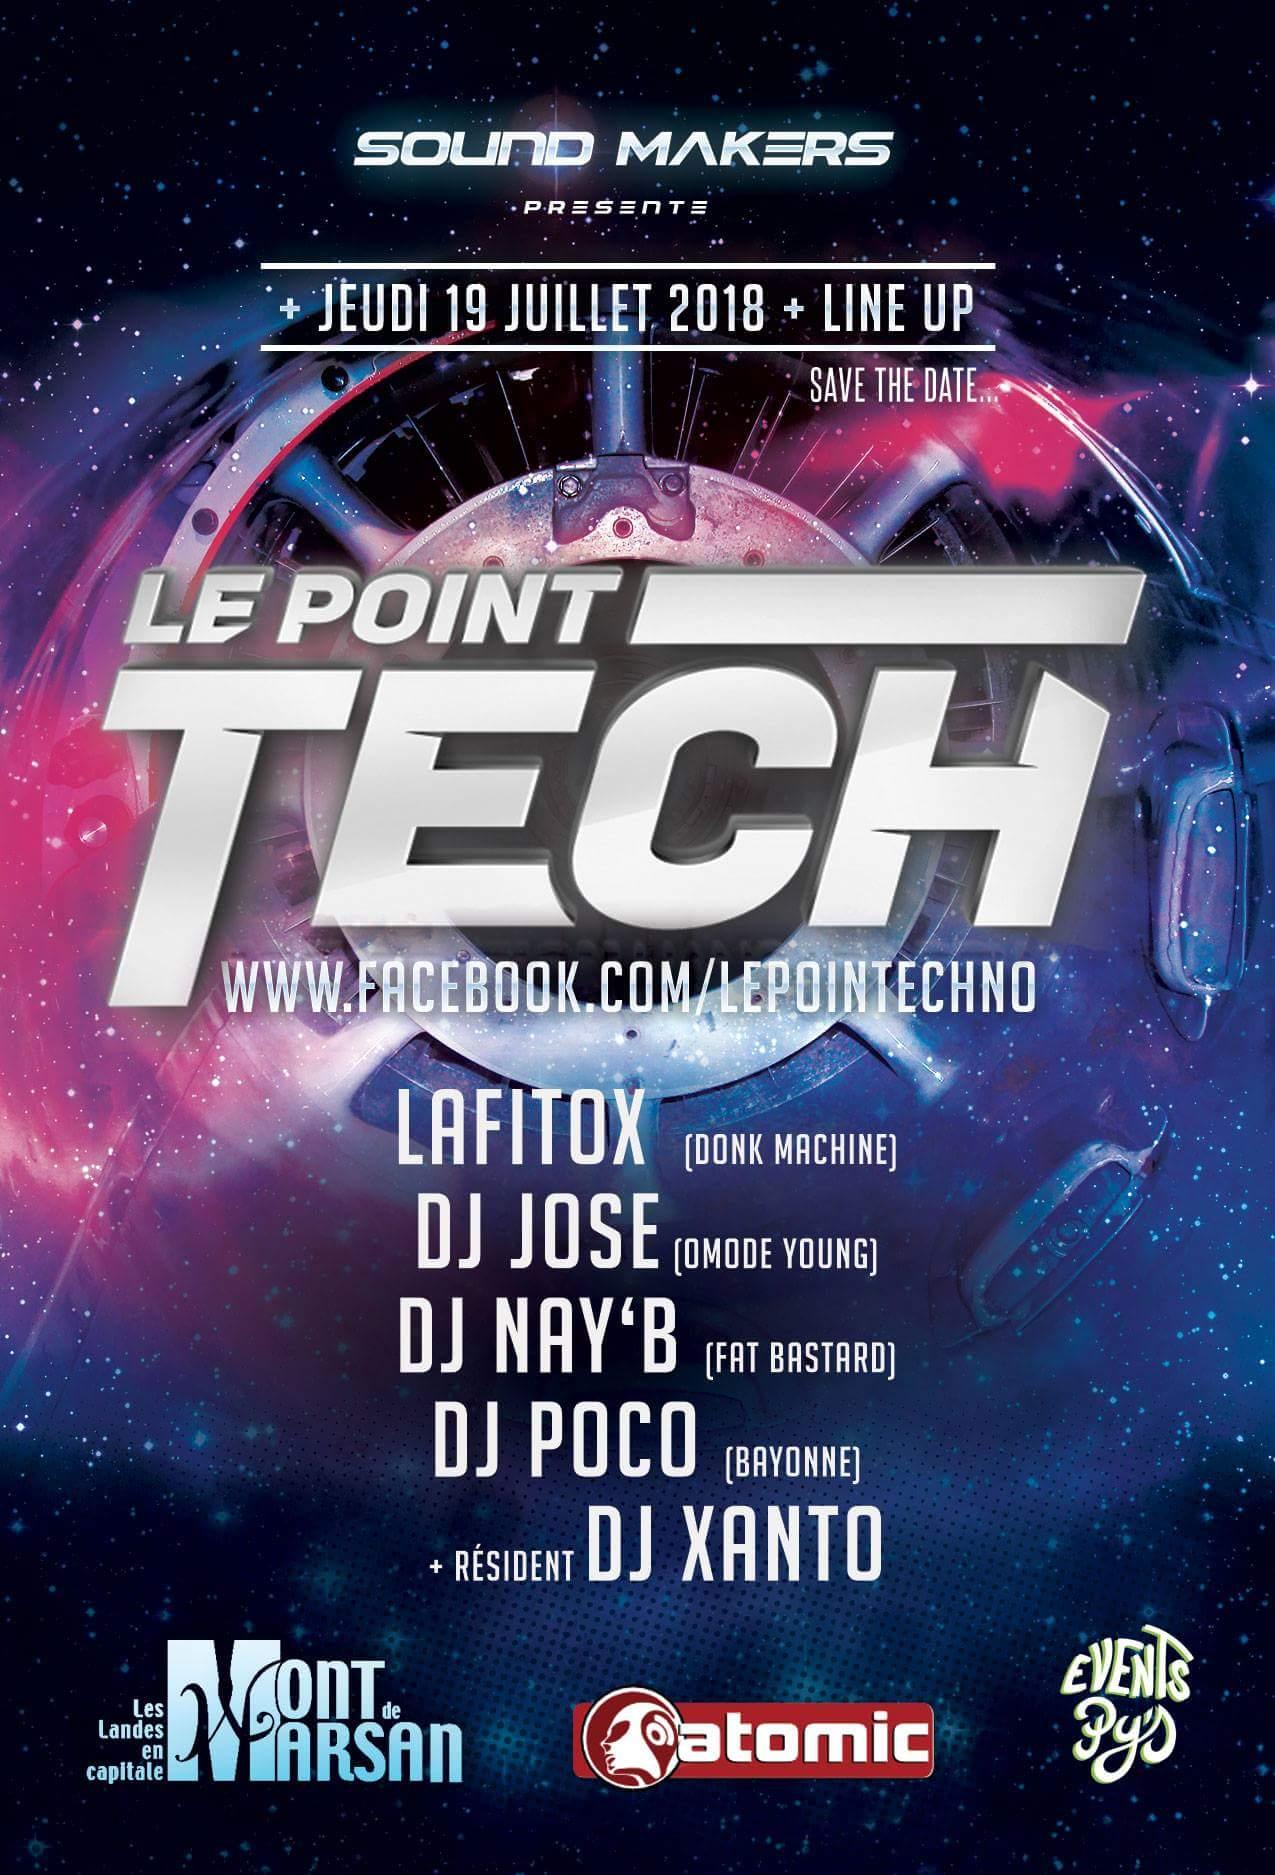 Imagen representativa de Le Point Techno 2018 (Día 19)